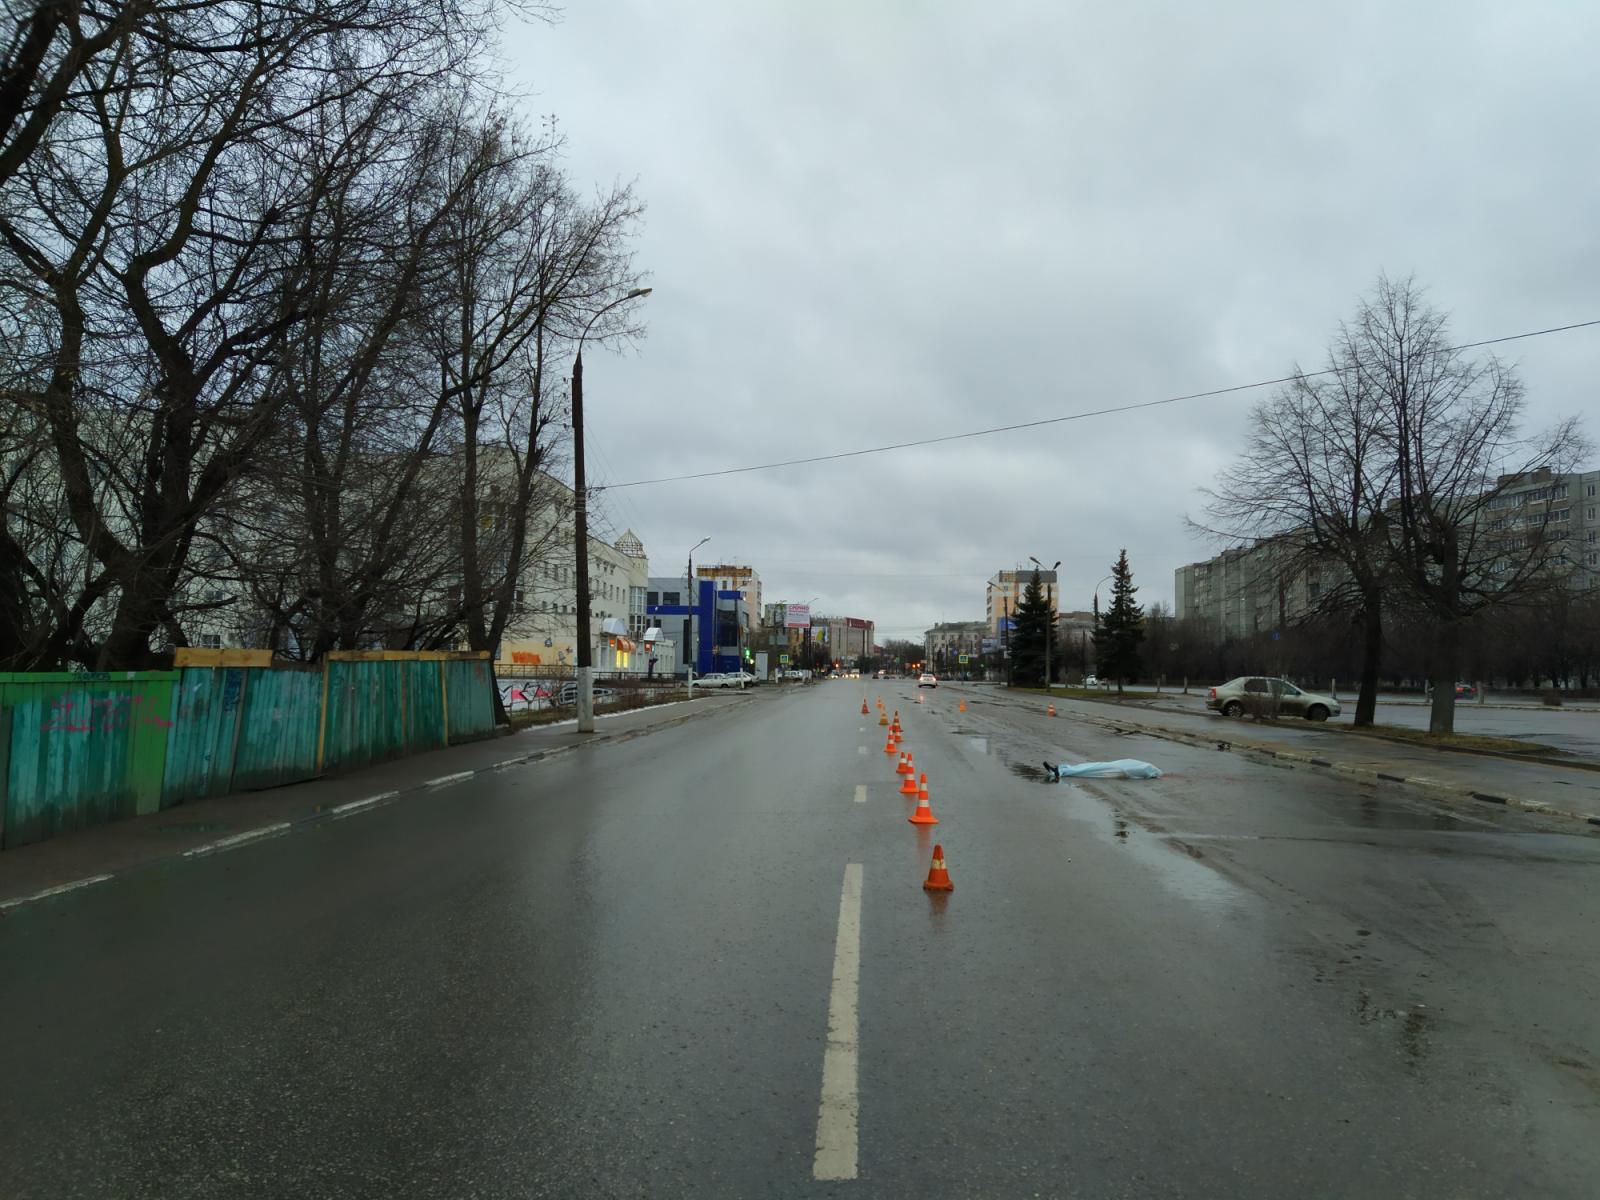 В Твери будут судить водителя, севшего за руль пьяным и насмерть сбившего пешехода - новости Афанасий